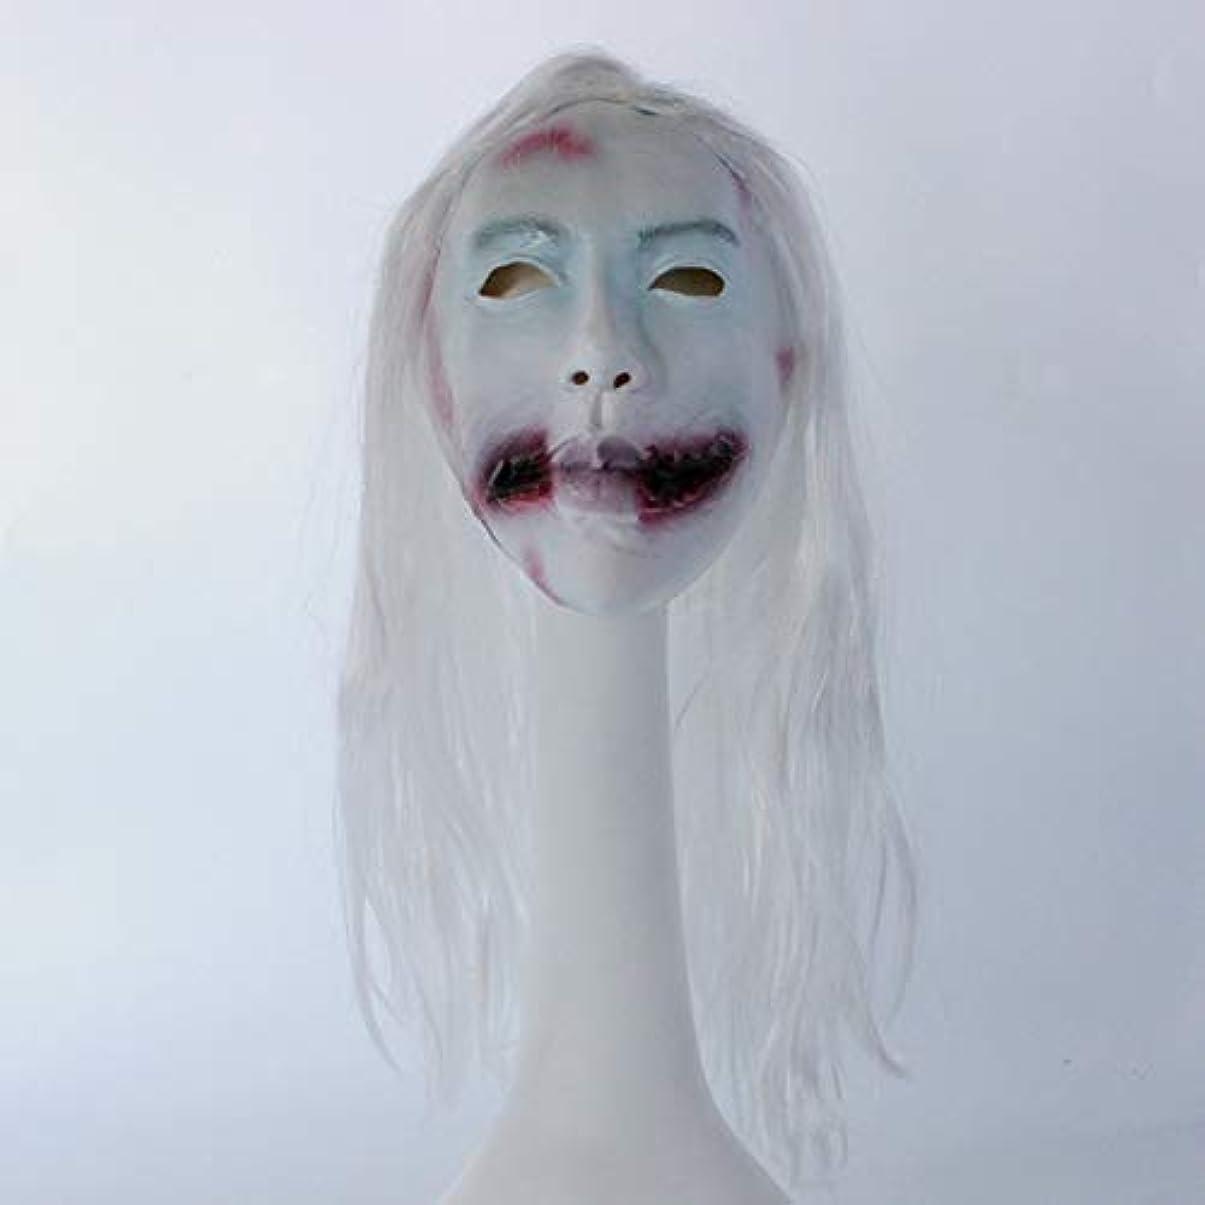 架空のメニューどっちでもハロウィーンのホラーマスク、白髪の女性のゴーストマスク、クリエイティブな面白いヘッドマスク、パーティー仮面ラテックスマスク